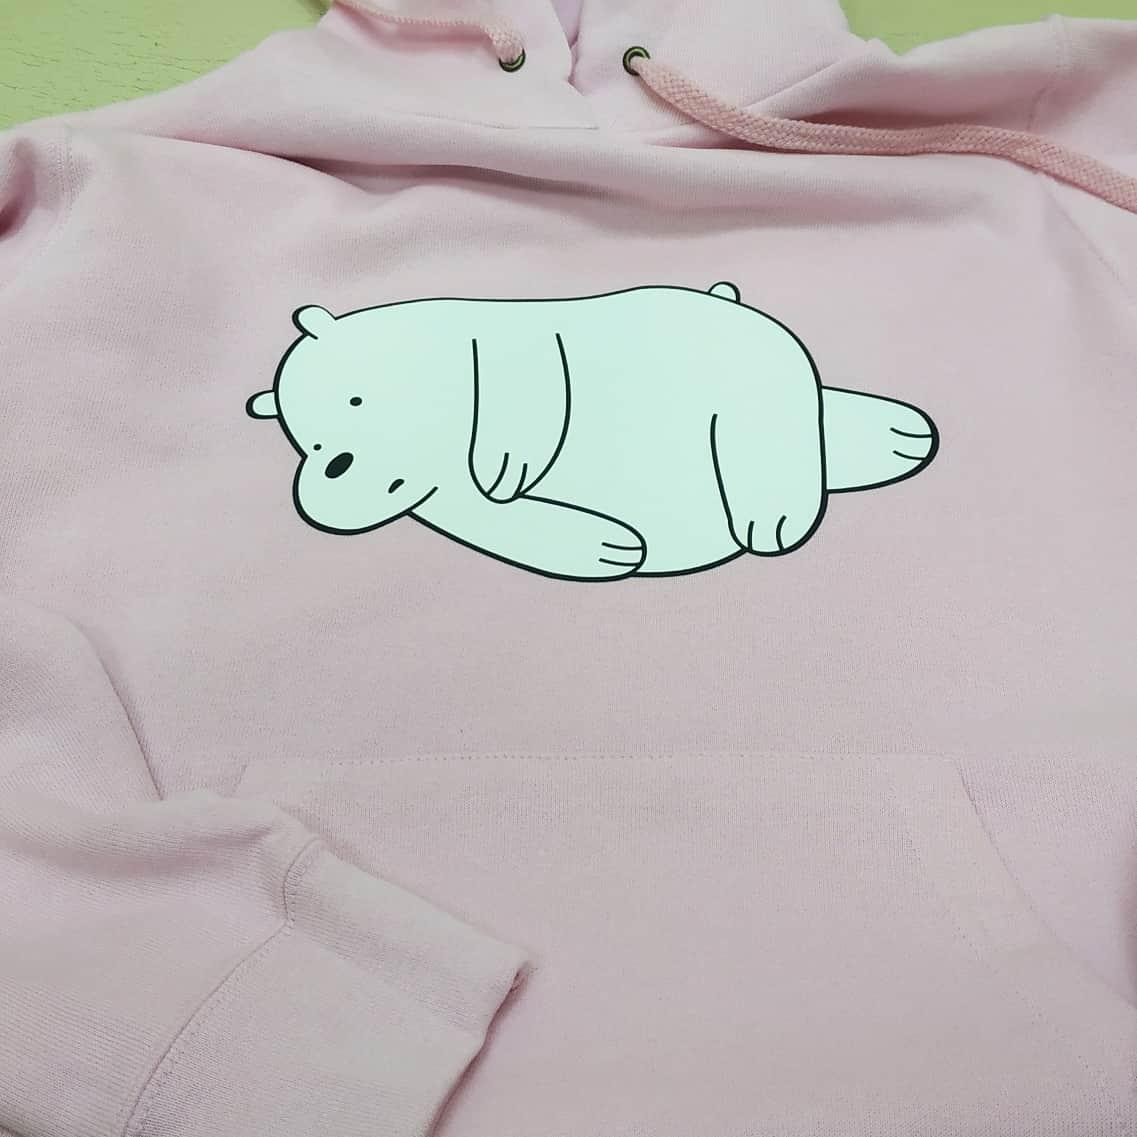 Медведь устал. Печать медведя на толстовке. Печать на толстовках в Киеве. Печать на одежде Киев. Медведь на свитшоте. Оригинальная печать на заказ.